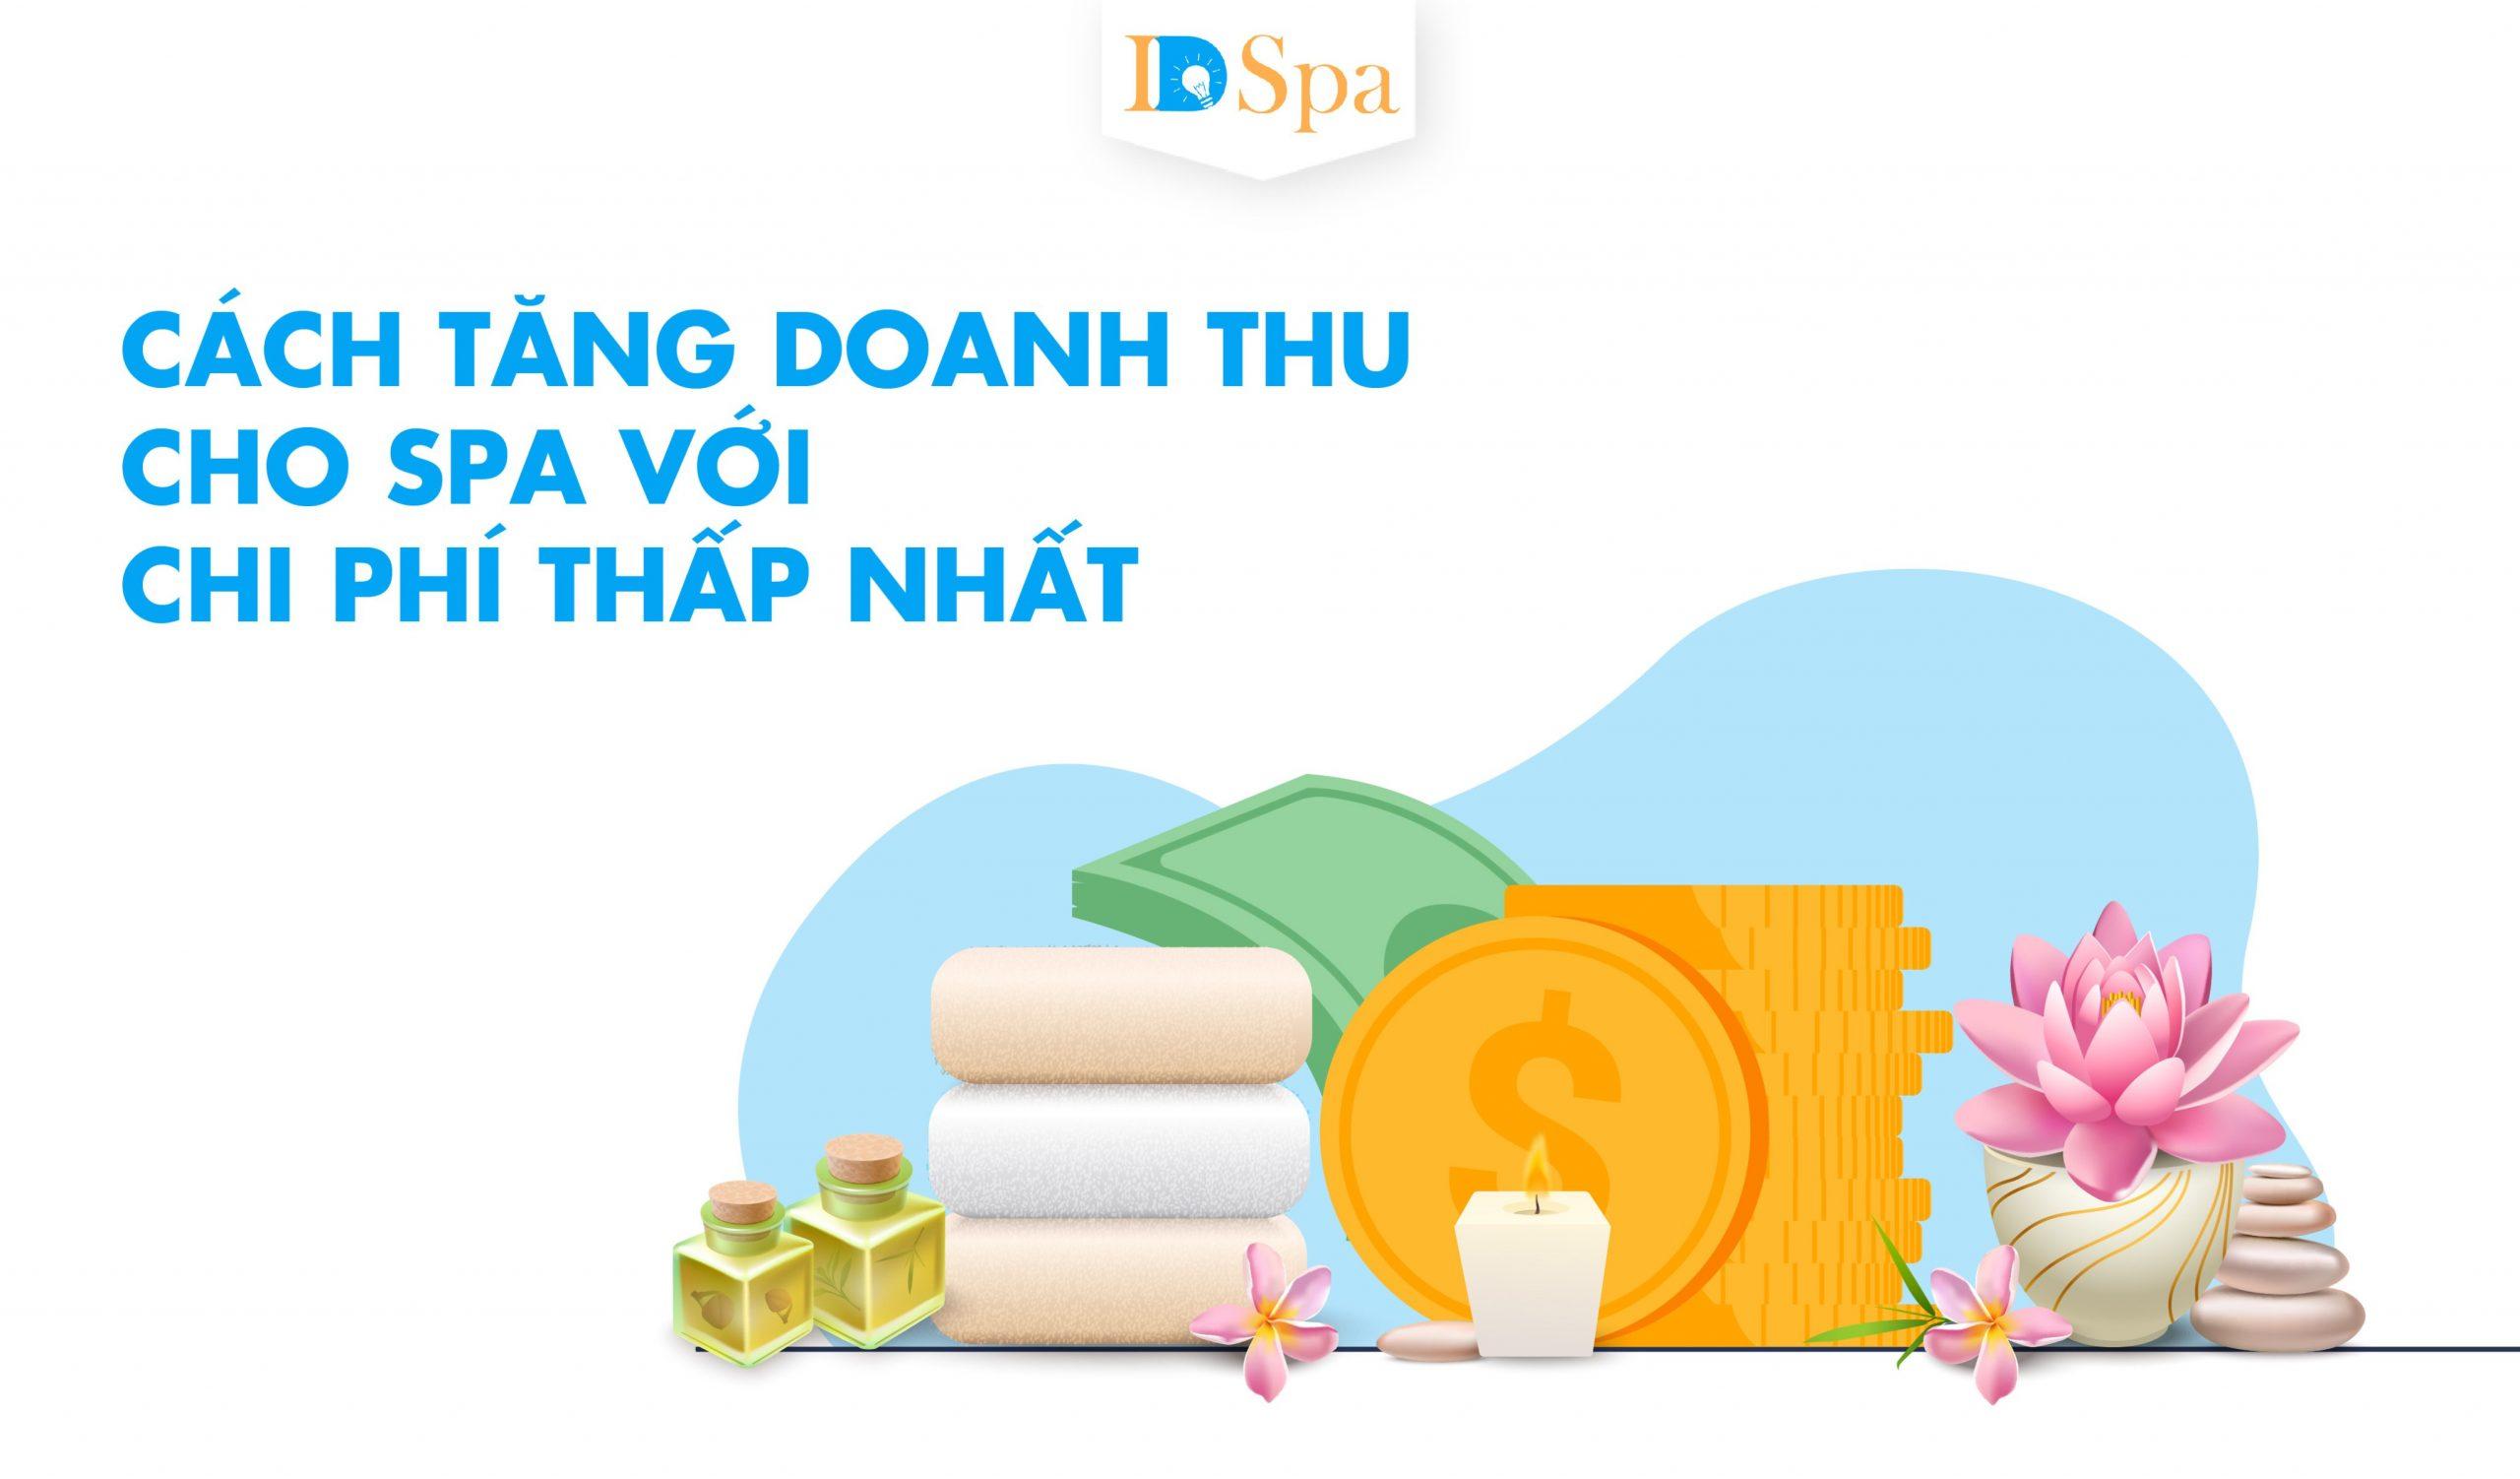 Cách tăng doanh thu cho spa với chi phí thấp nhất